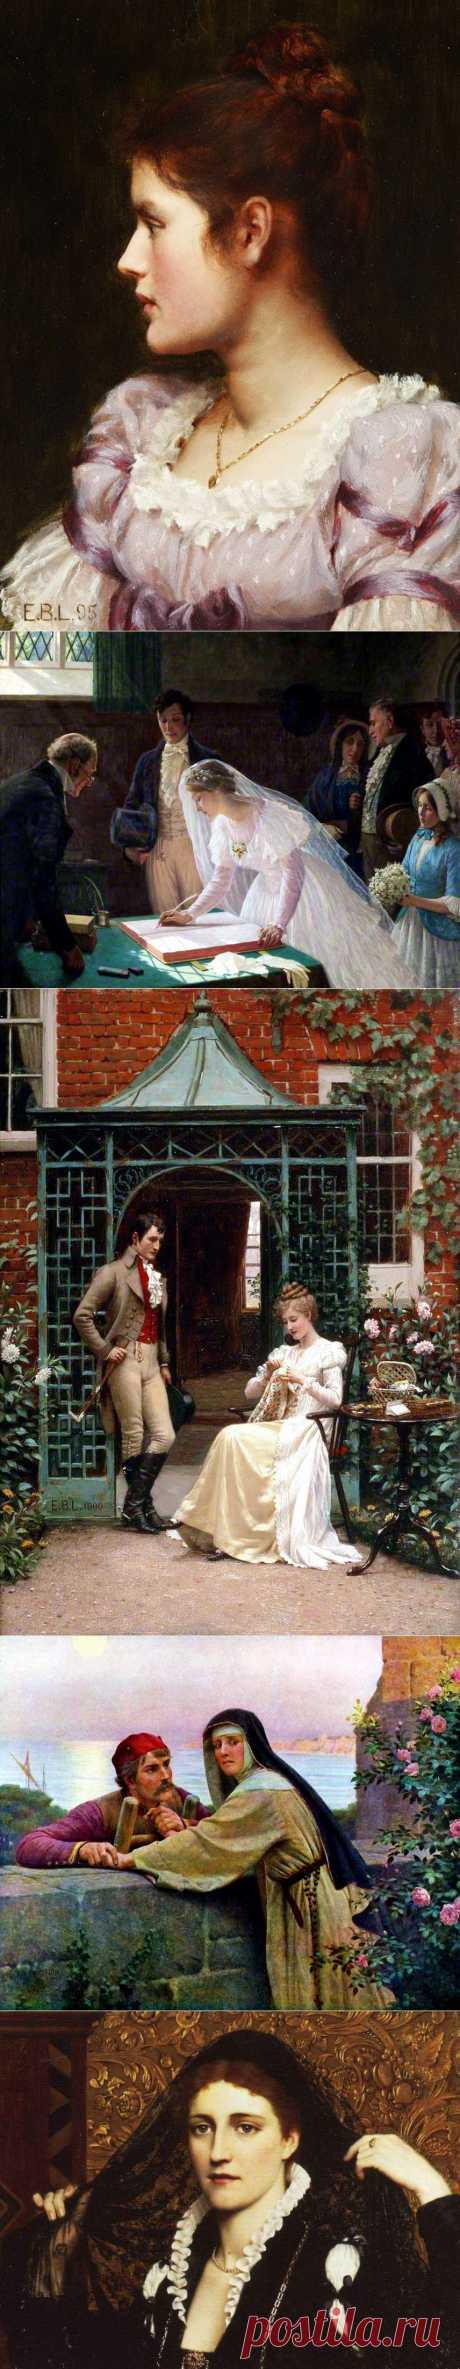 Английский художник Эдмунд Блэр Лейтон (1853-1922)